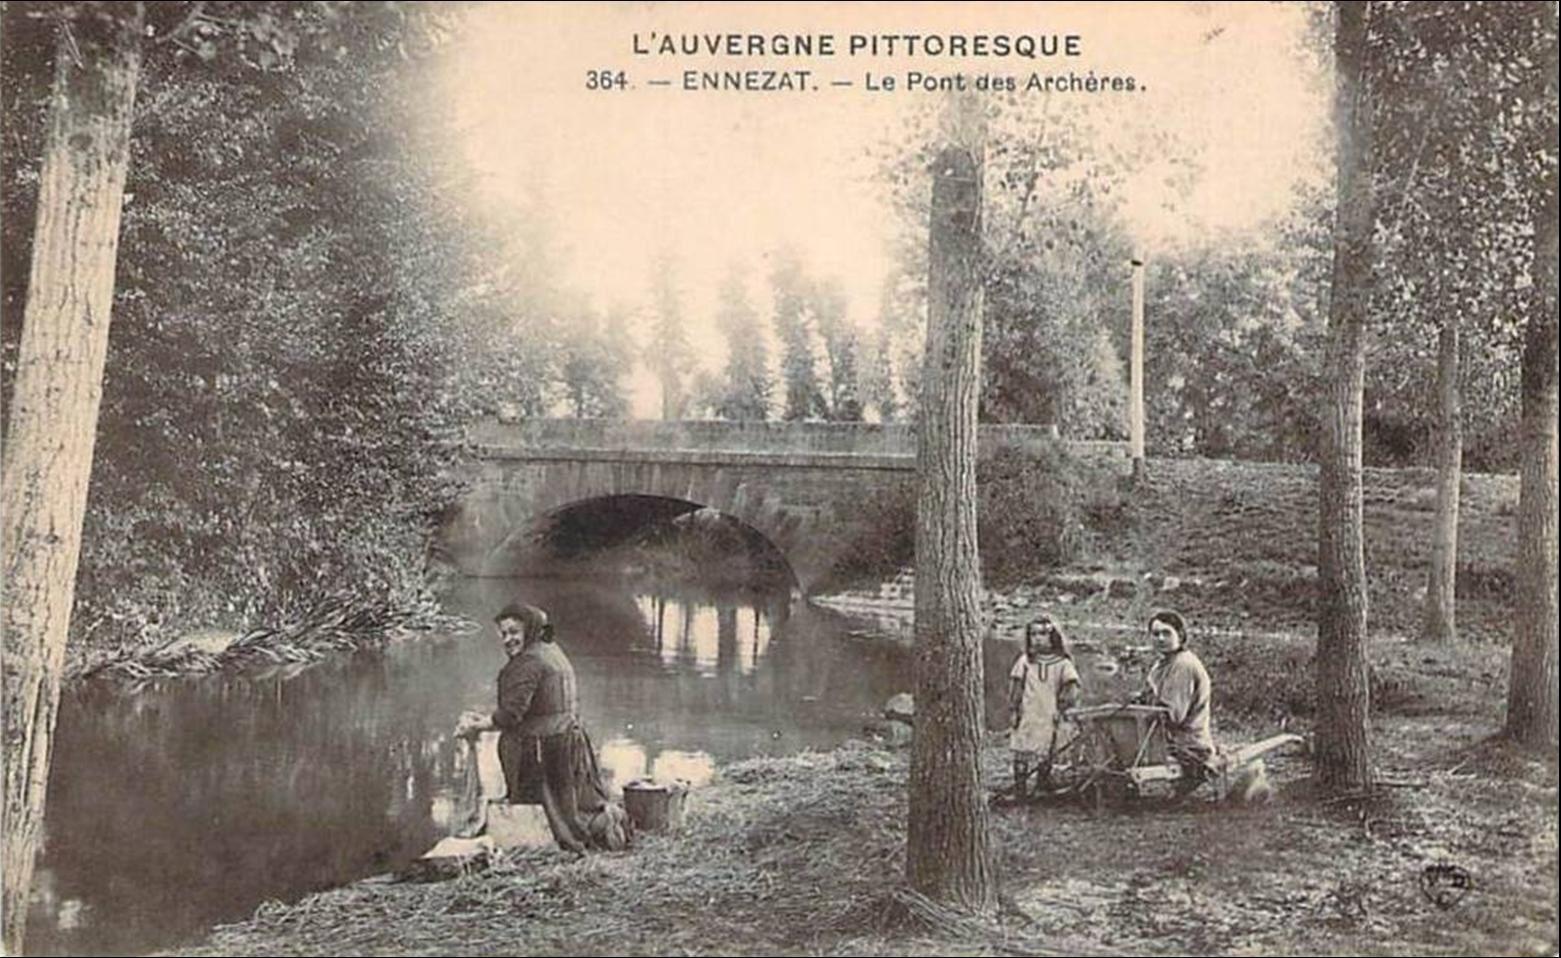 Il était une fois Ennezat dans le Puy de Dome